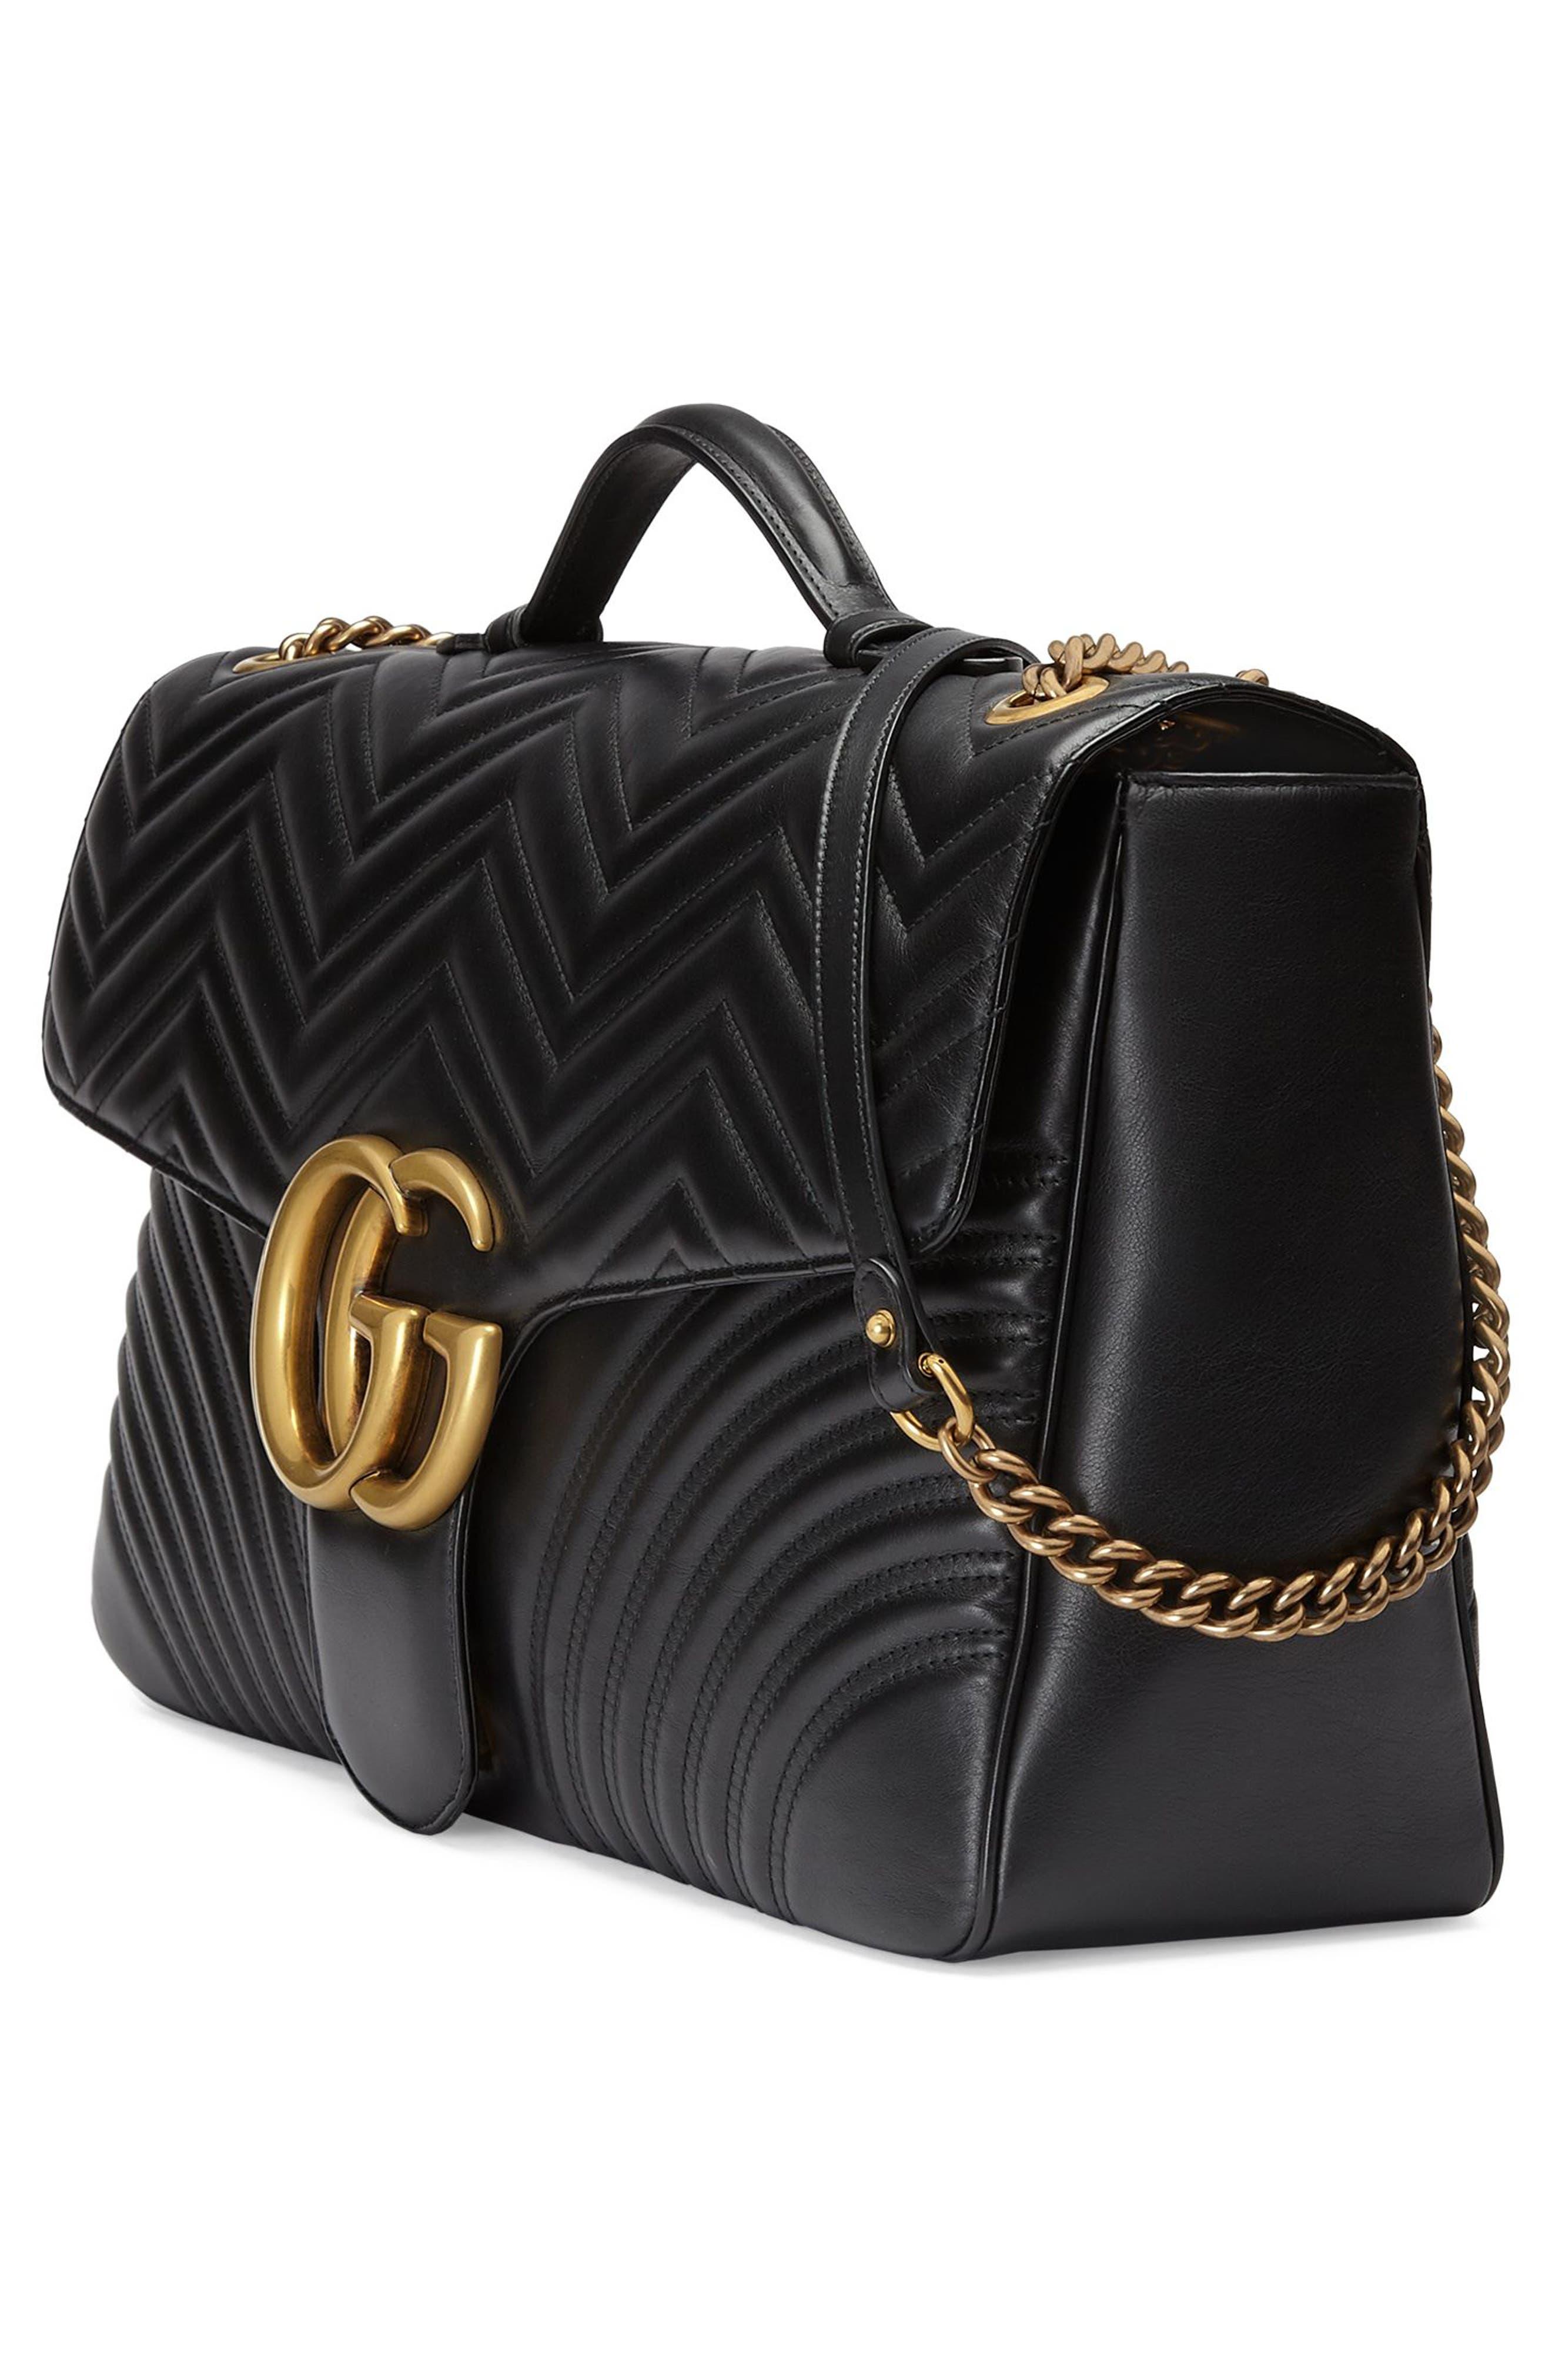 GG Marmont Maxi Matelassé Top Handle Shoulder Bag,                             Alternate thumbnail 2, color,                             Nero